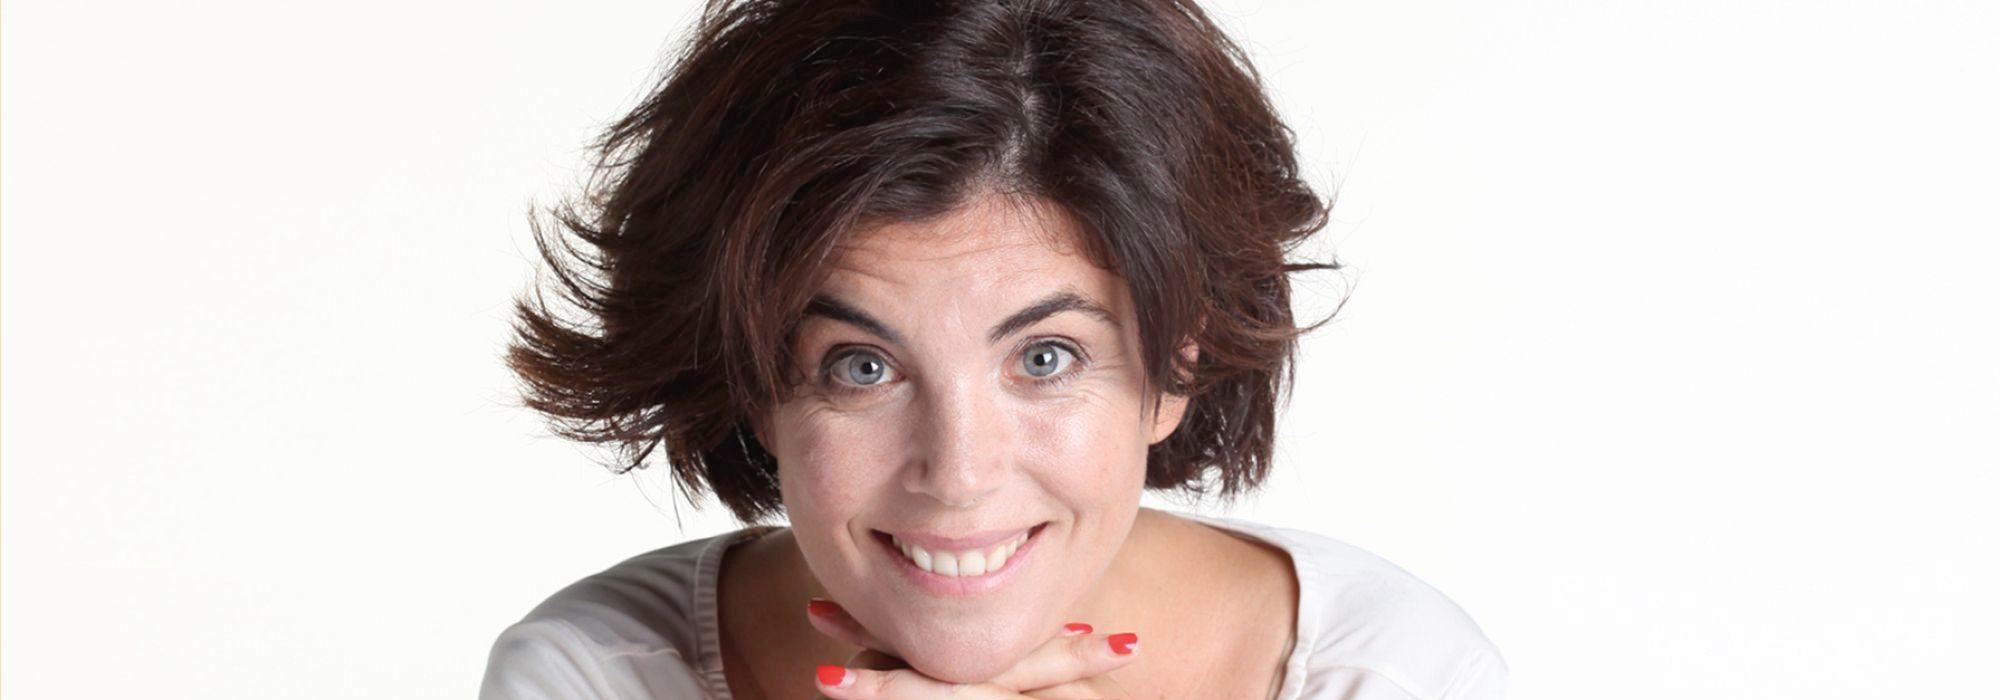 Samanta Villar, las vísceras de los docu-reality de Cuatro